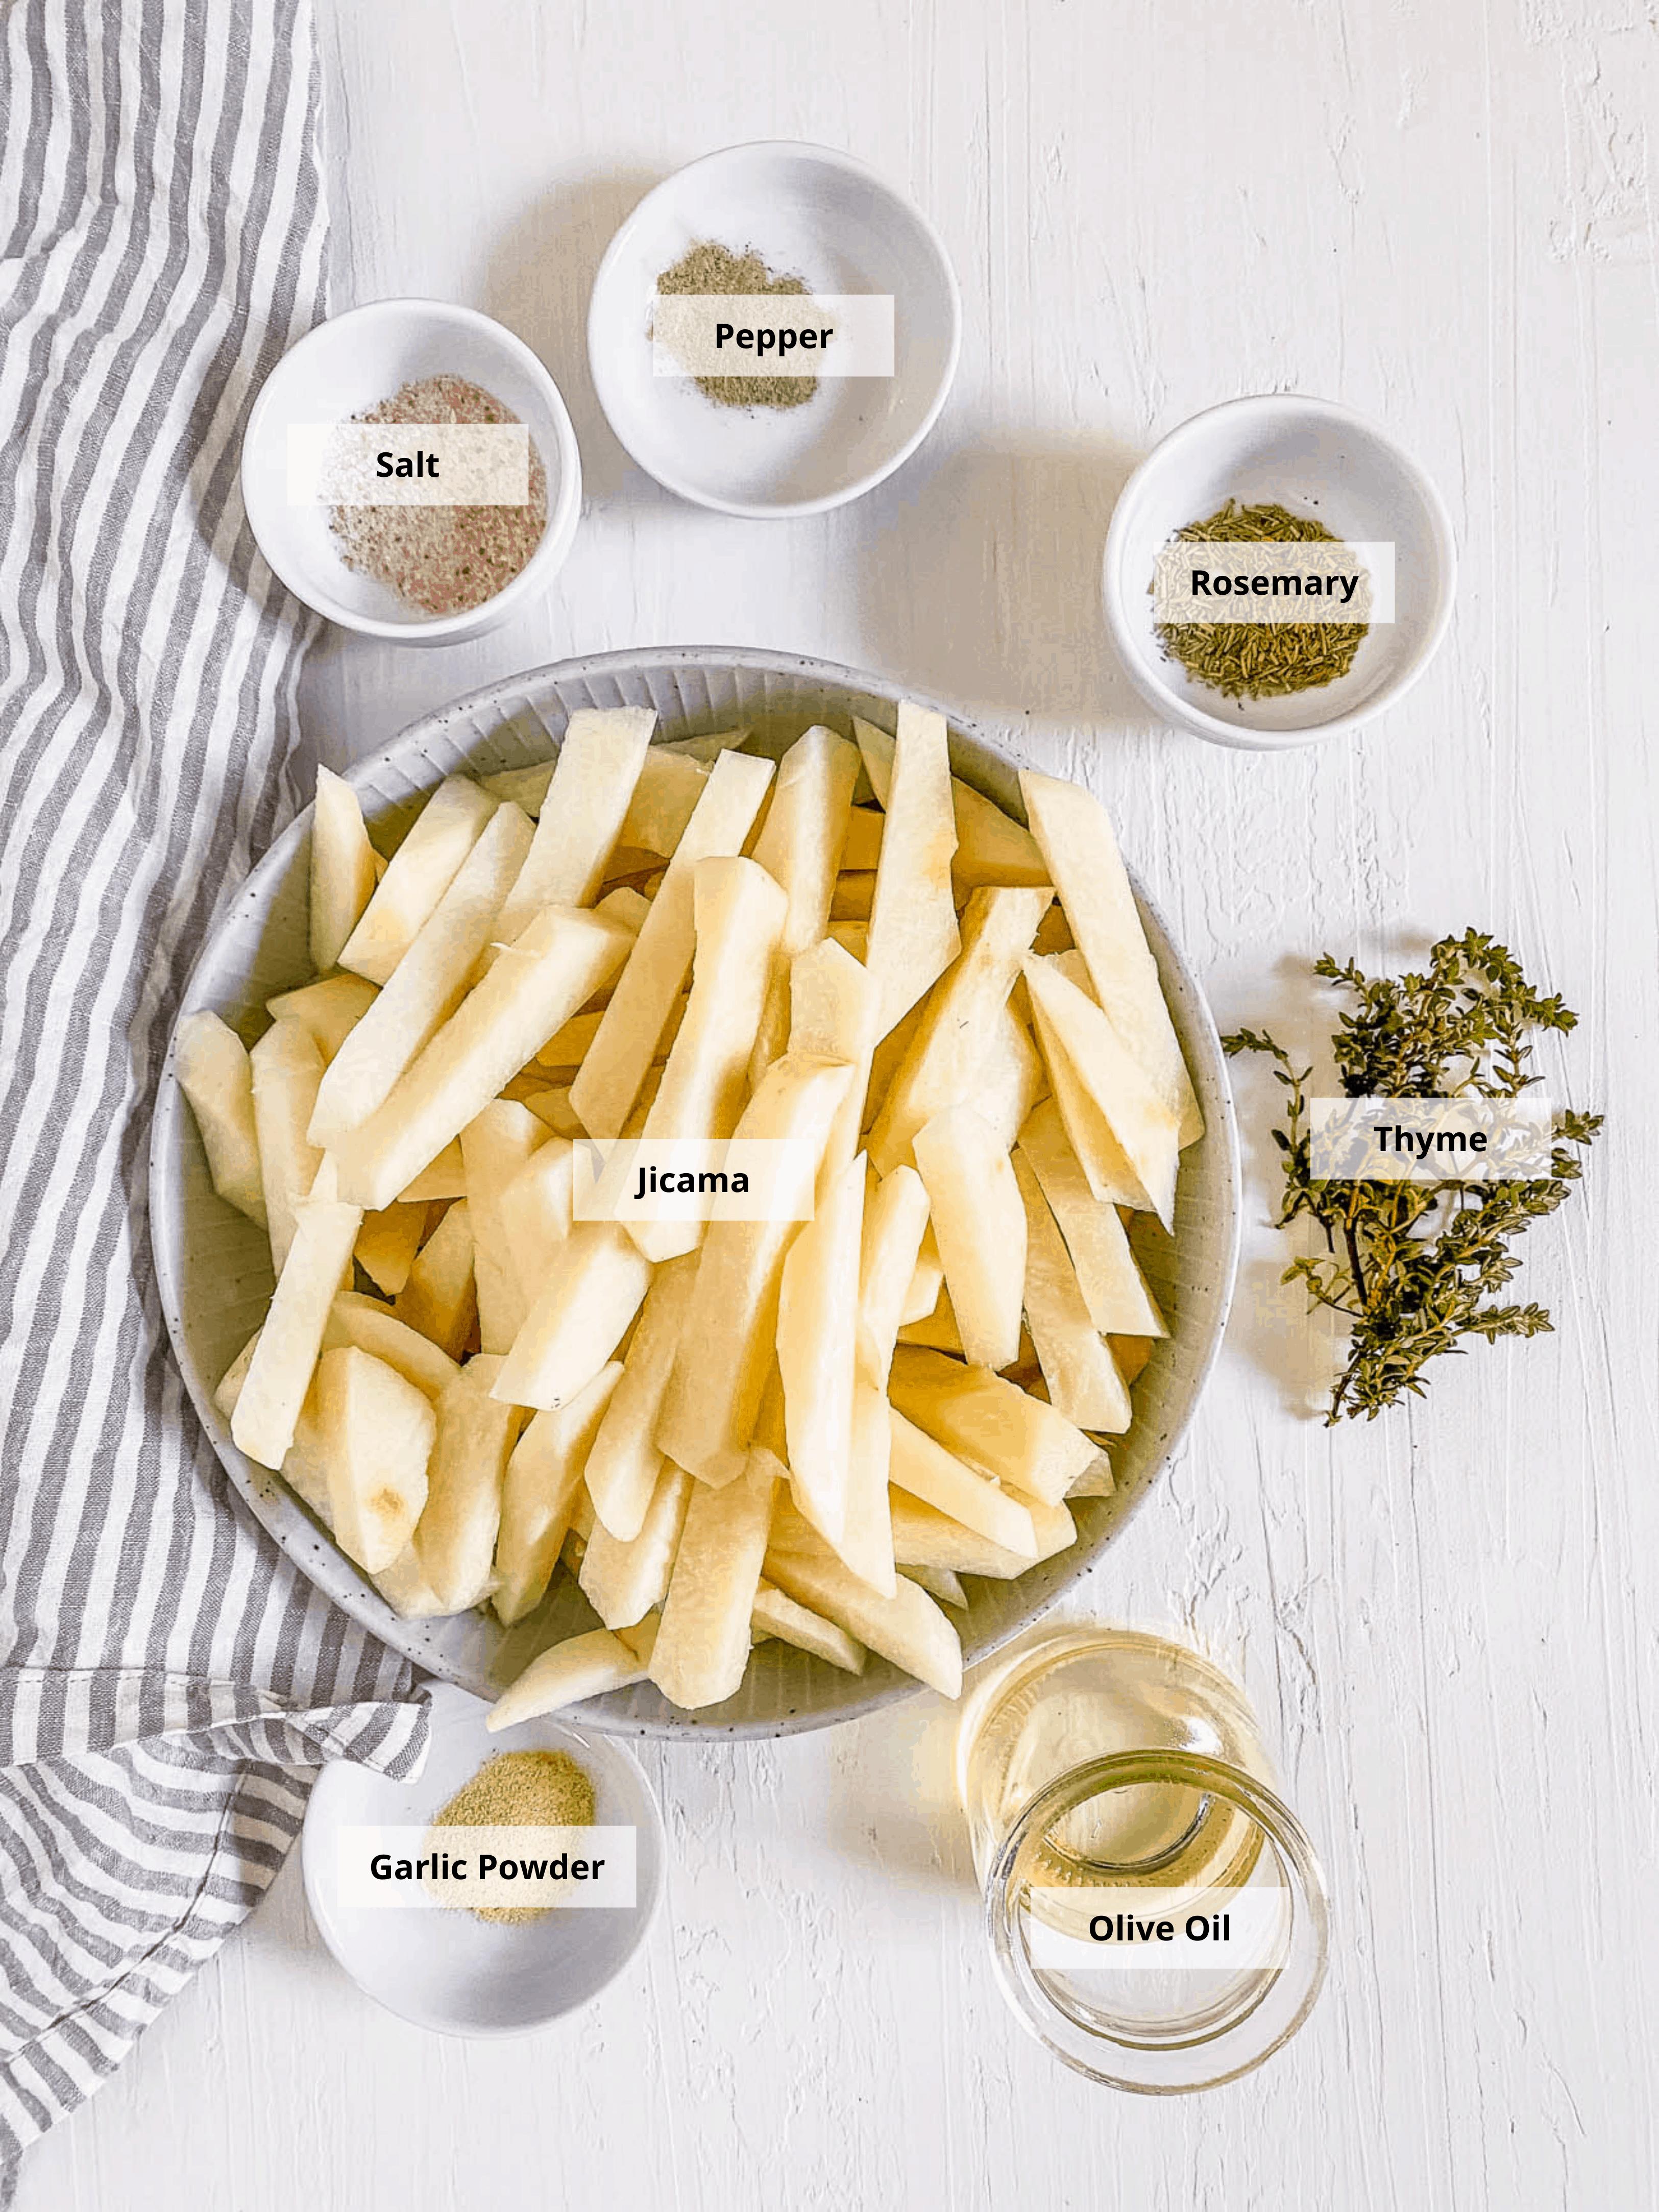 ingredients for air fryer jicama fries